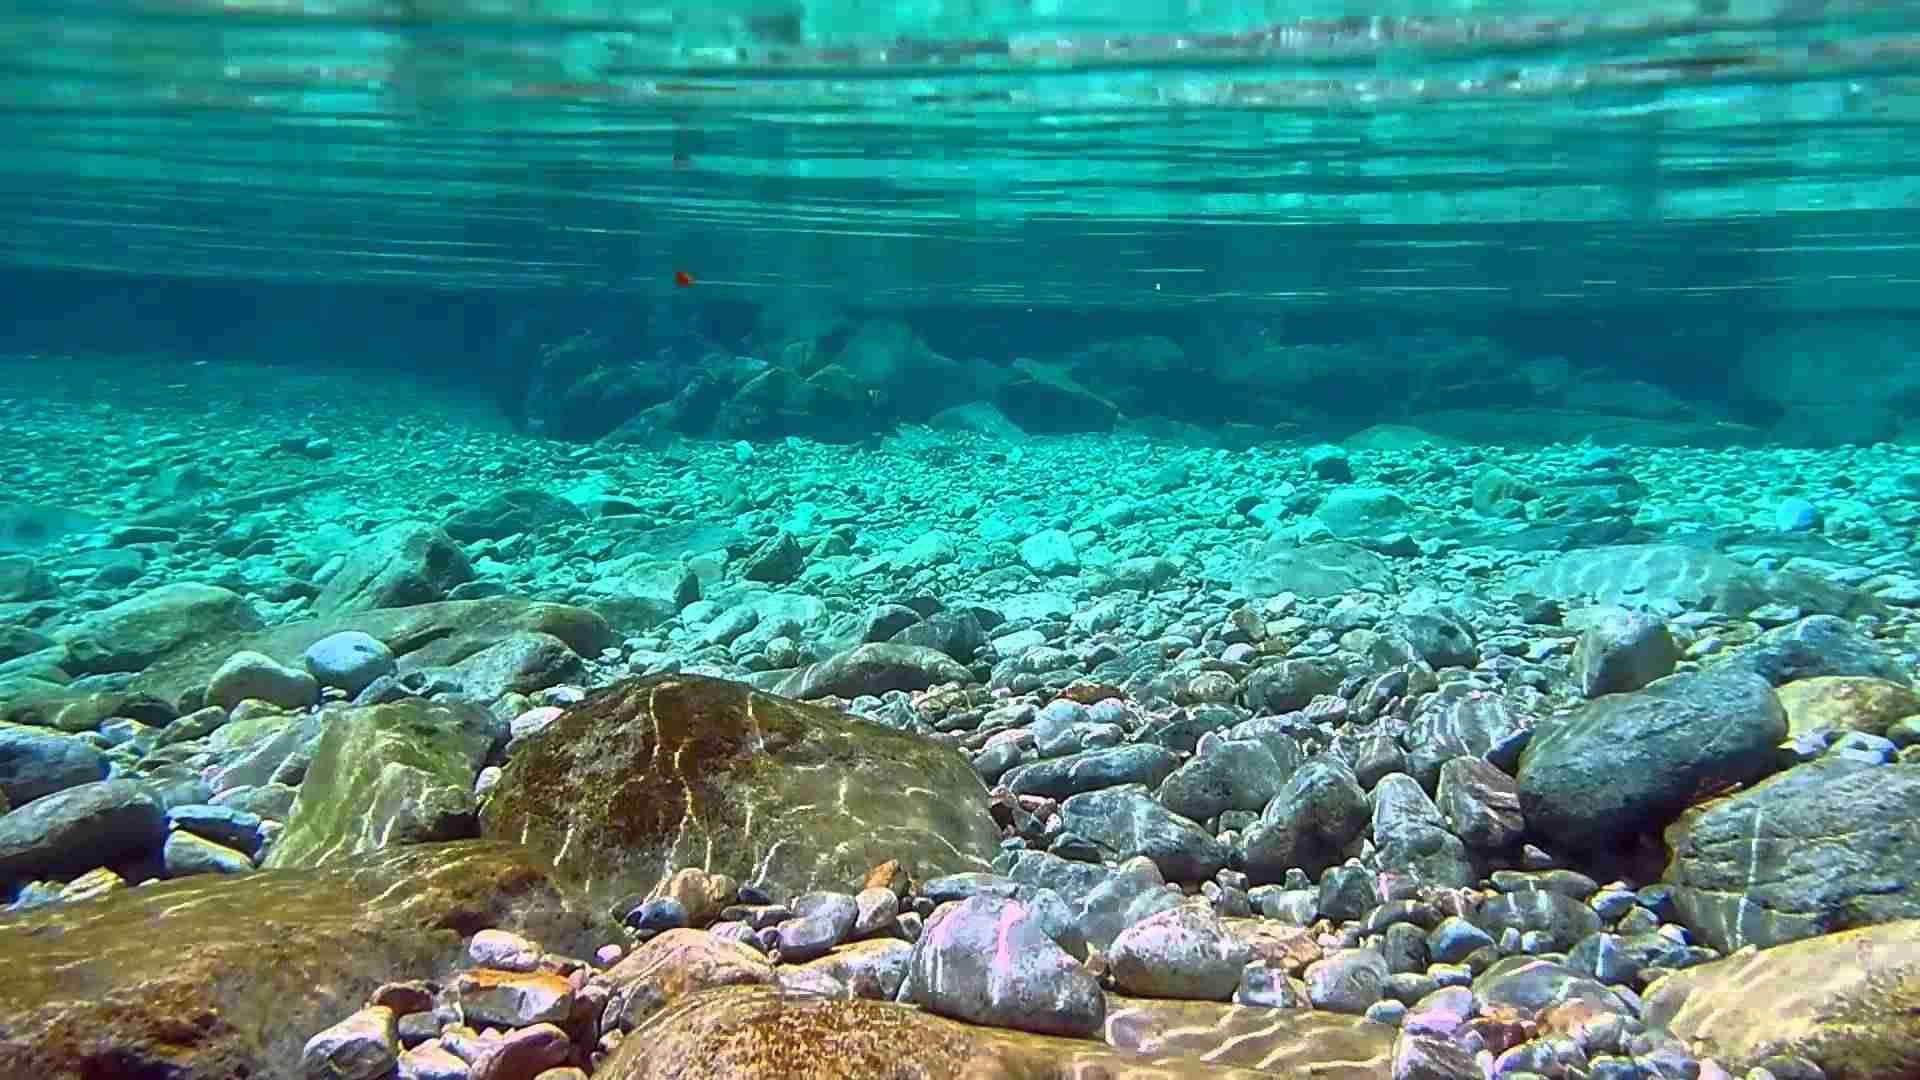 【自然の音と映像】 Nikon Coolpix AW100 - 阿寺渓谷, 水中撮影 / 自然の音 - YouTube